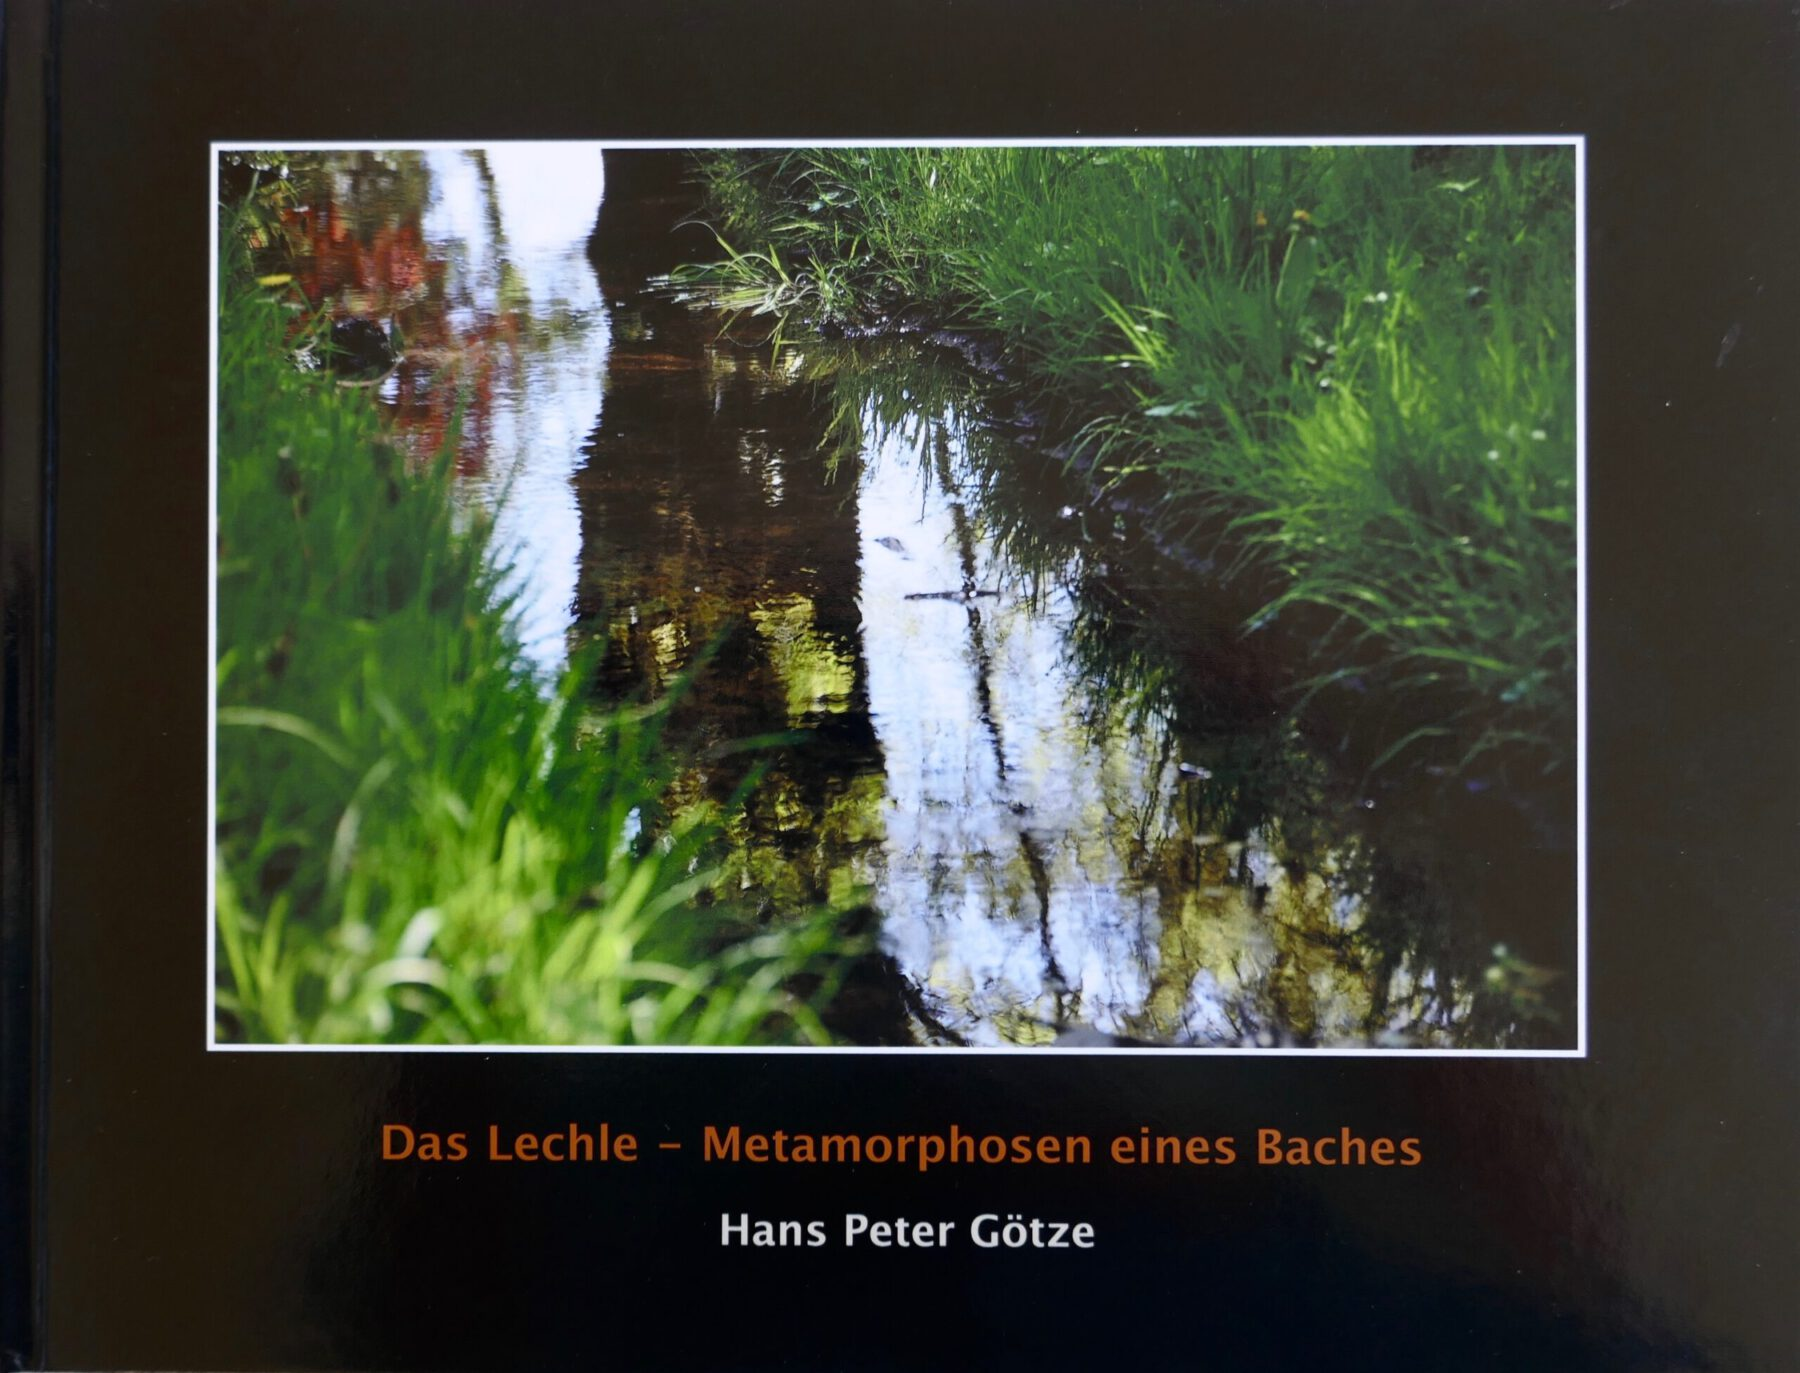 Hans Peter Götze: MMetamorphosen eines Baches